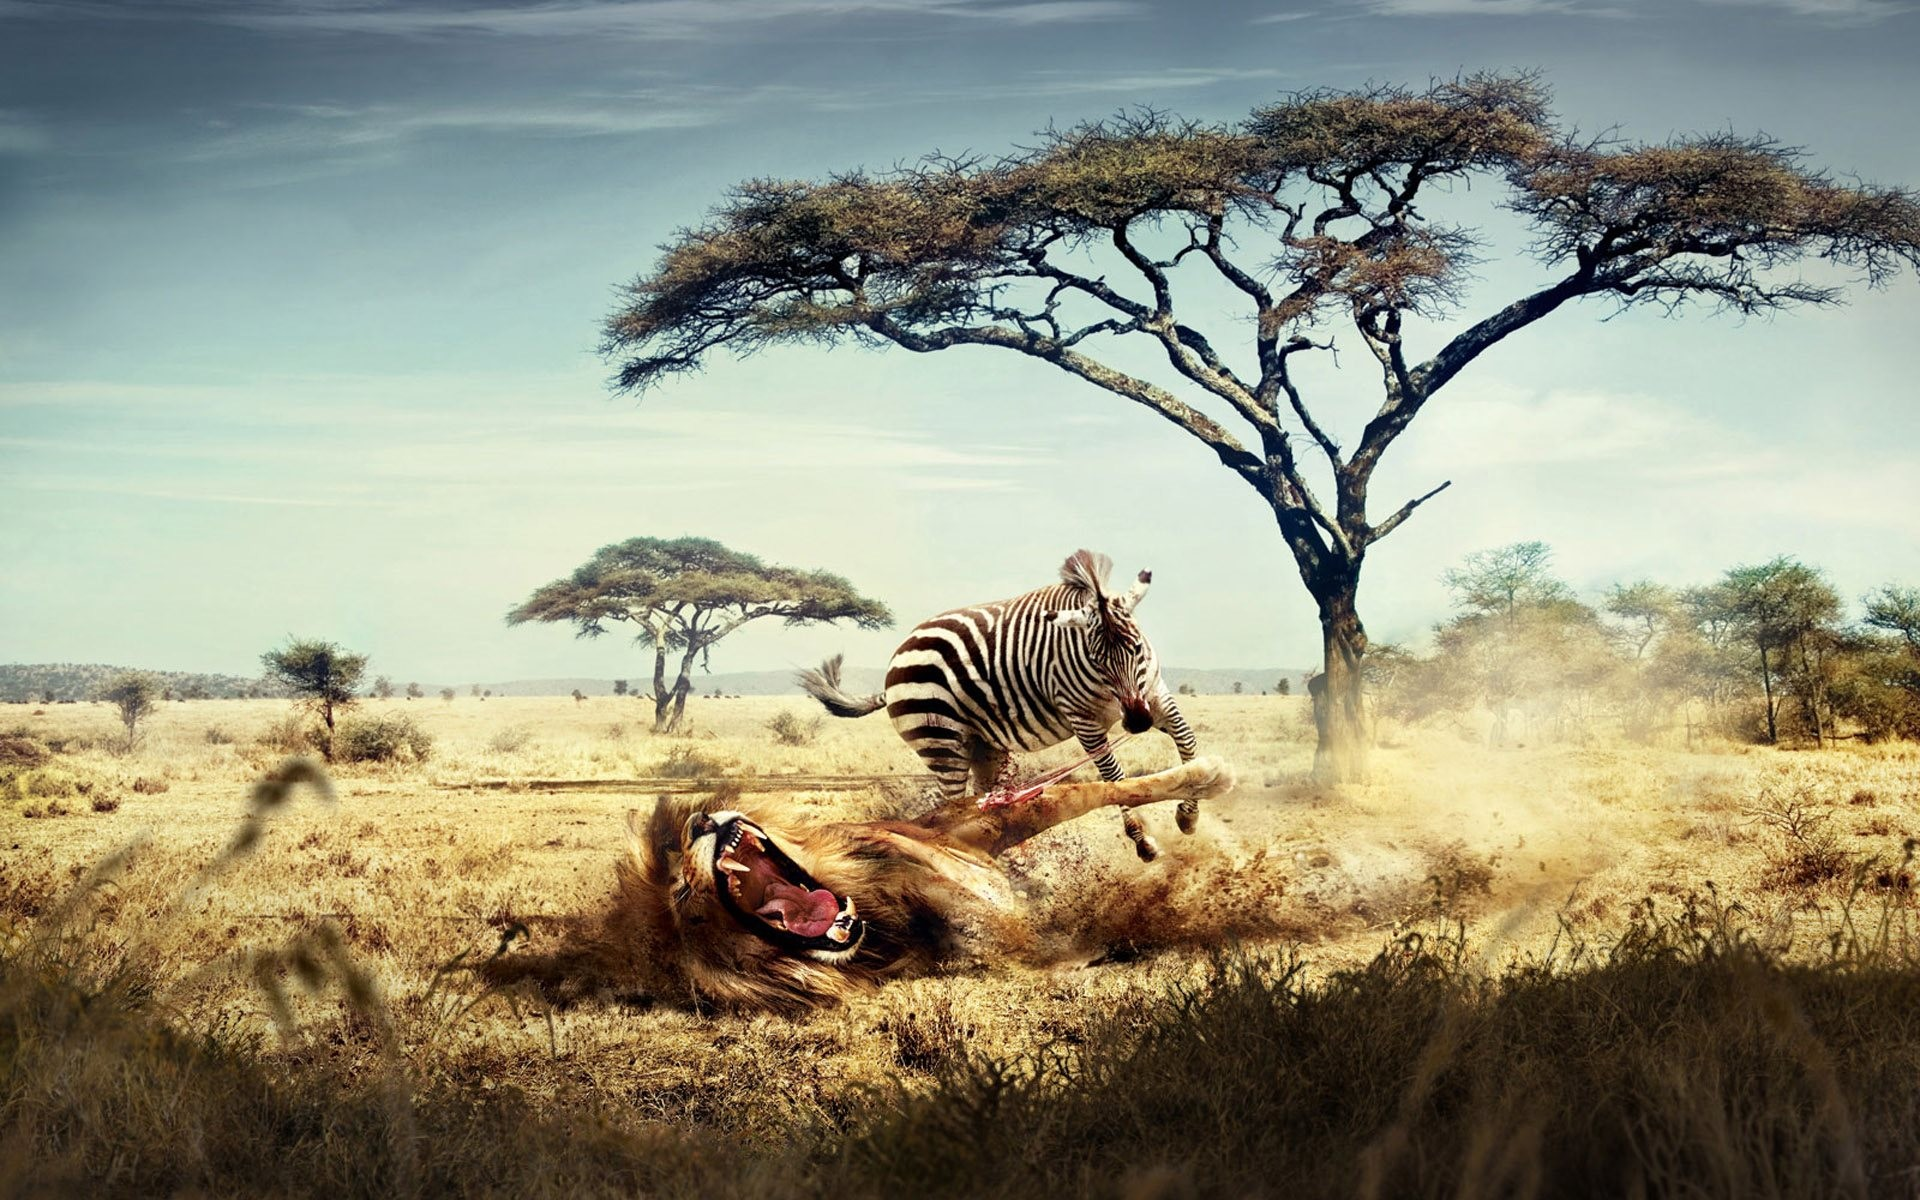 Wallpaper: Zebra revenge